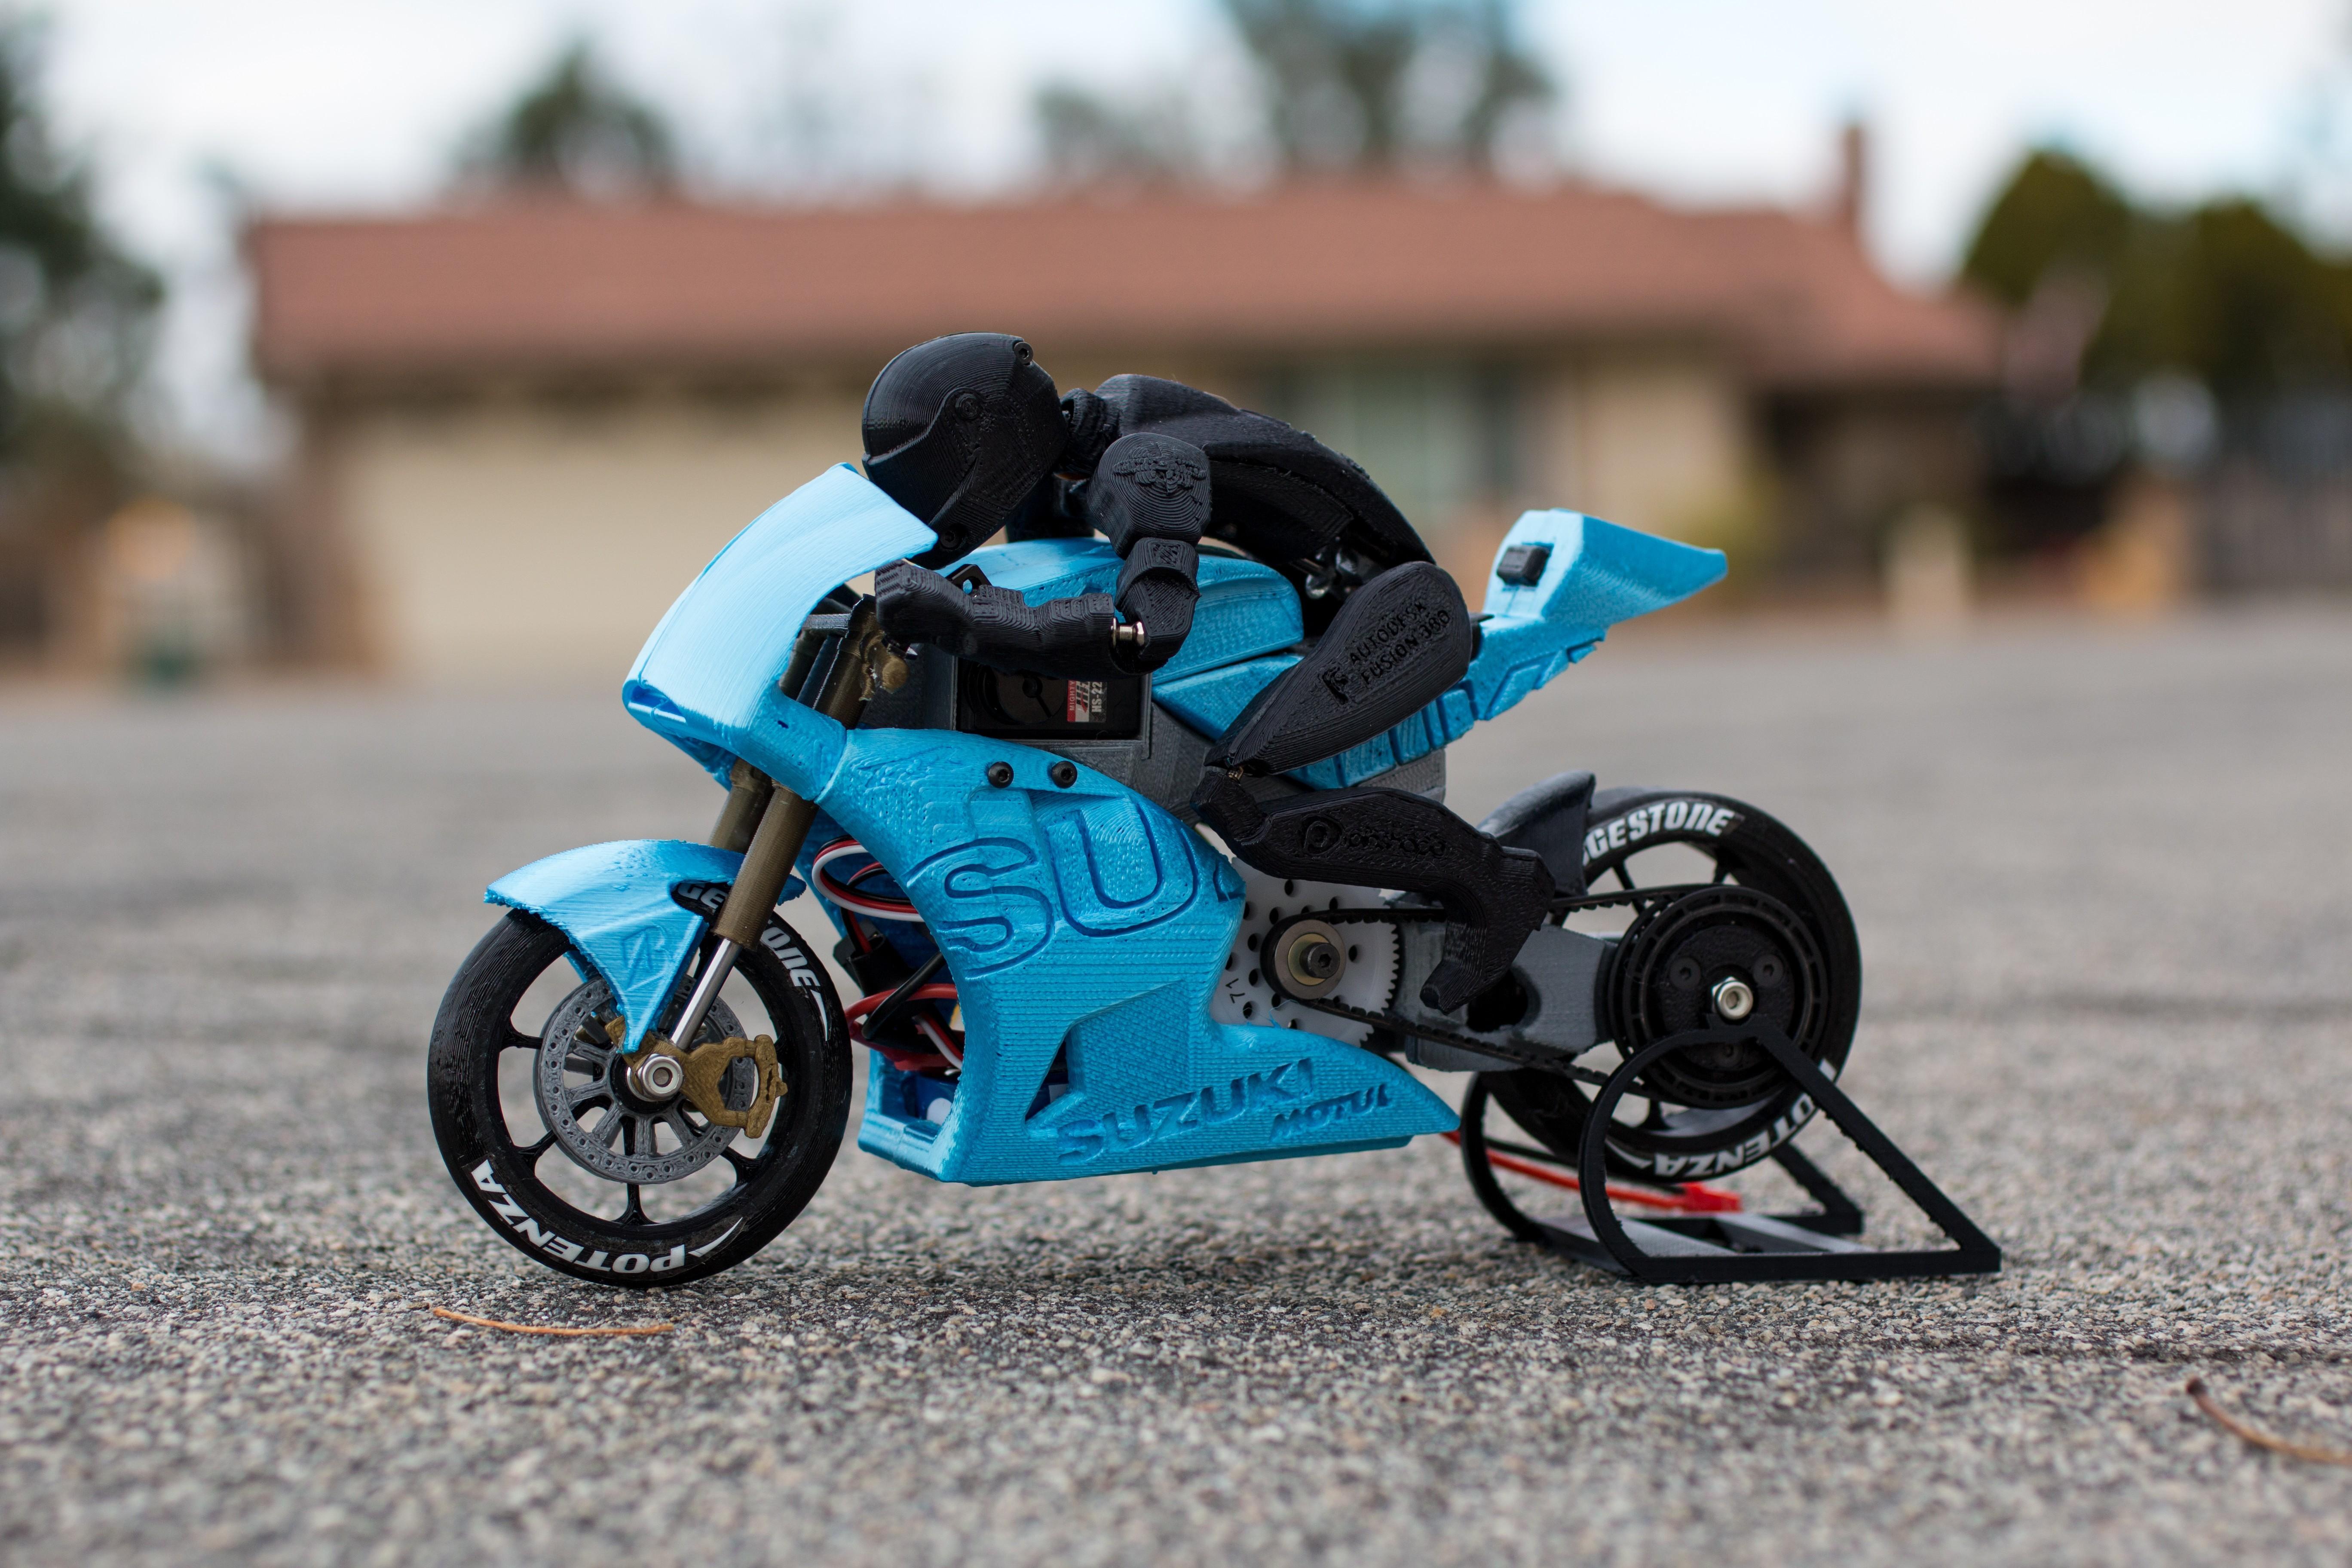 _MG_4280.jpg Télécharger fichier STL gratuit 2016 Suzuki GSX-RR MotoGP RC Moto • Modèle pour imprimante 3D, brett